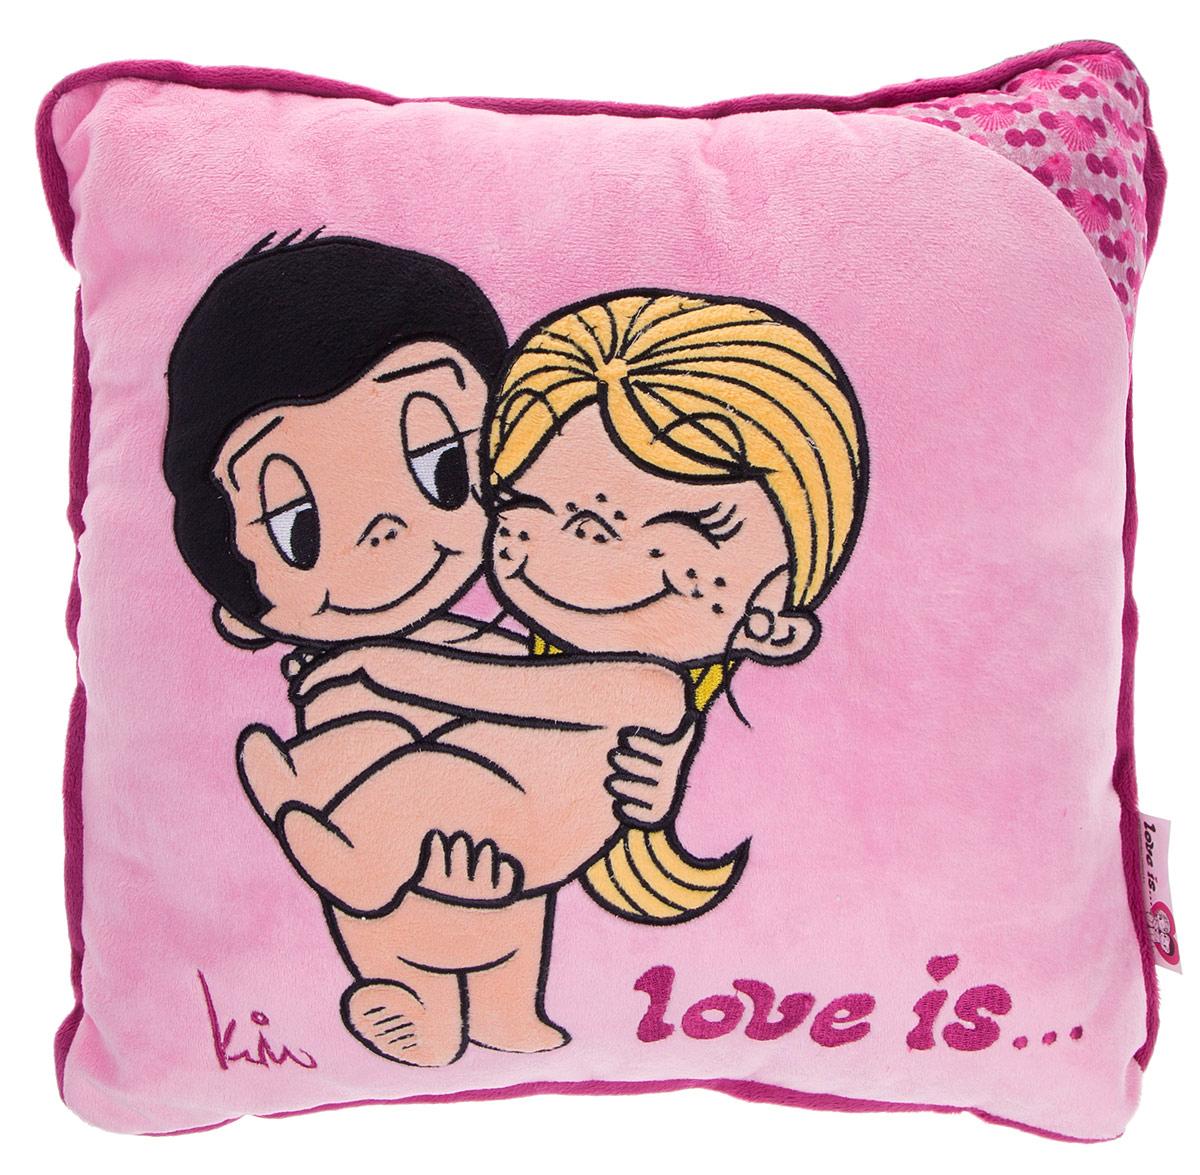 Maxi Toys Подушка Love Is цвет светло-розовый бордовыйMT-SUT101405Яркая и оригинальная подушка Maxi Toys Love Is станет отличным аксессуаром к интерьеру любой детской комнаты! Подушка украшена принтом с изображением героев комикса новозеландской художницы Ким Касали Love Is, известным у нас в стране по вкладышам одноименной жевательной резинки. Мягкую подушку можно взять с собой в путешествие - в самолете и автомобиле положить ее под голову во время отдыха. Размер подушки: 30 см х 30 см х 13 см.